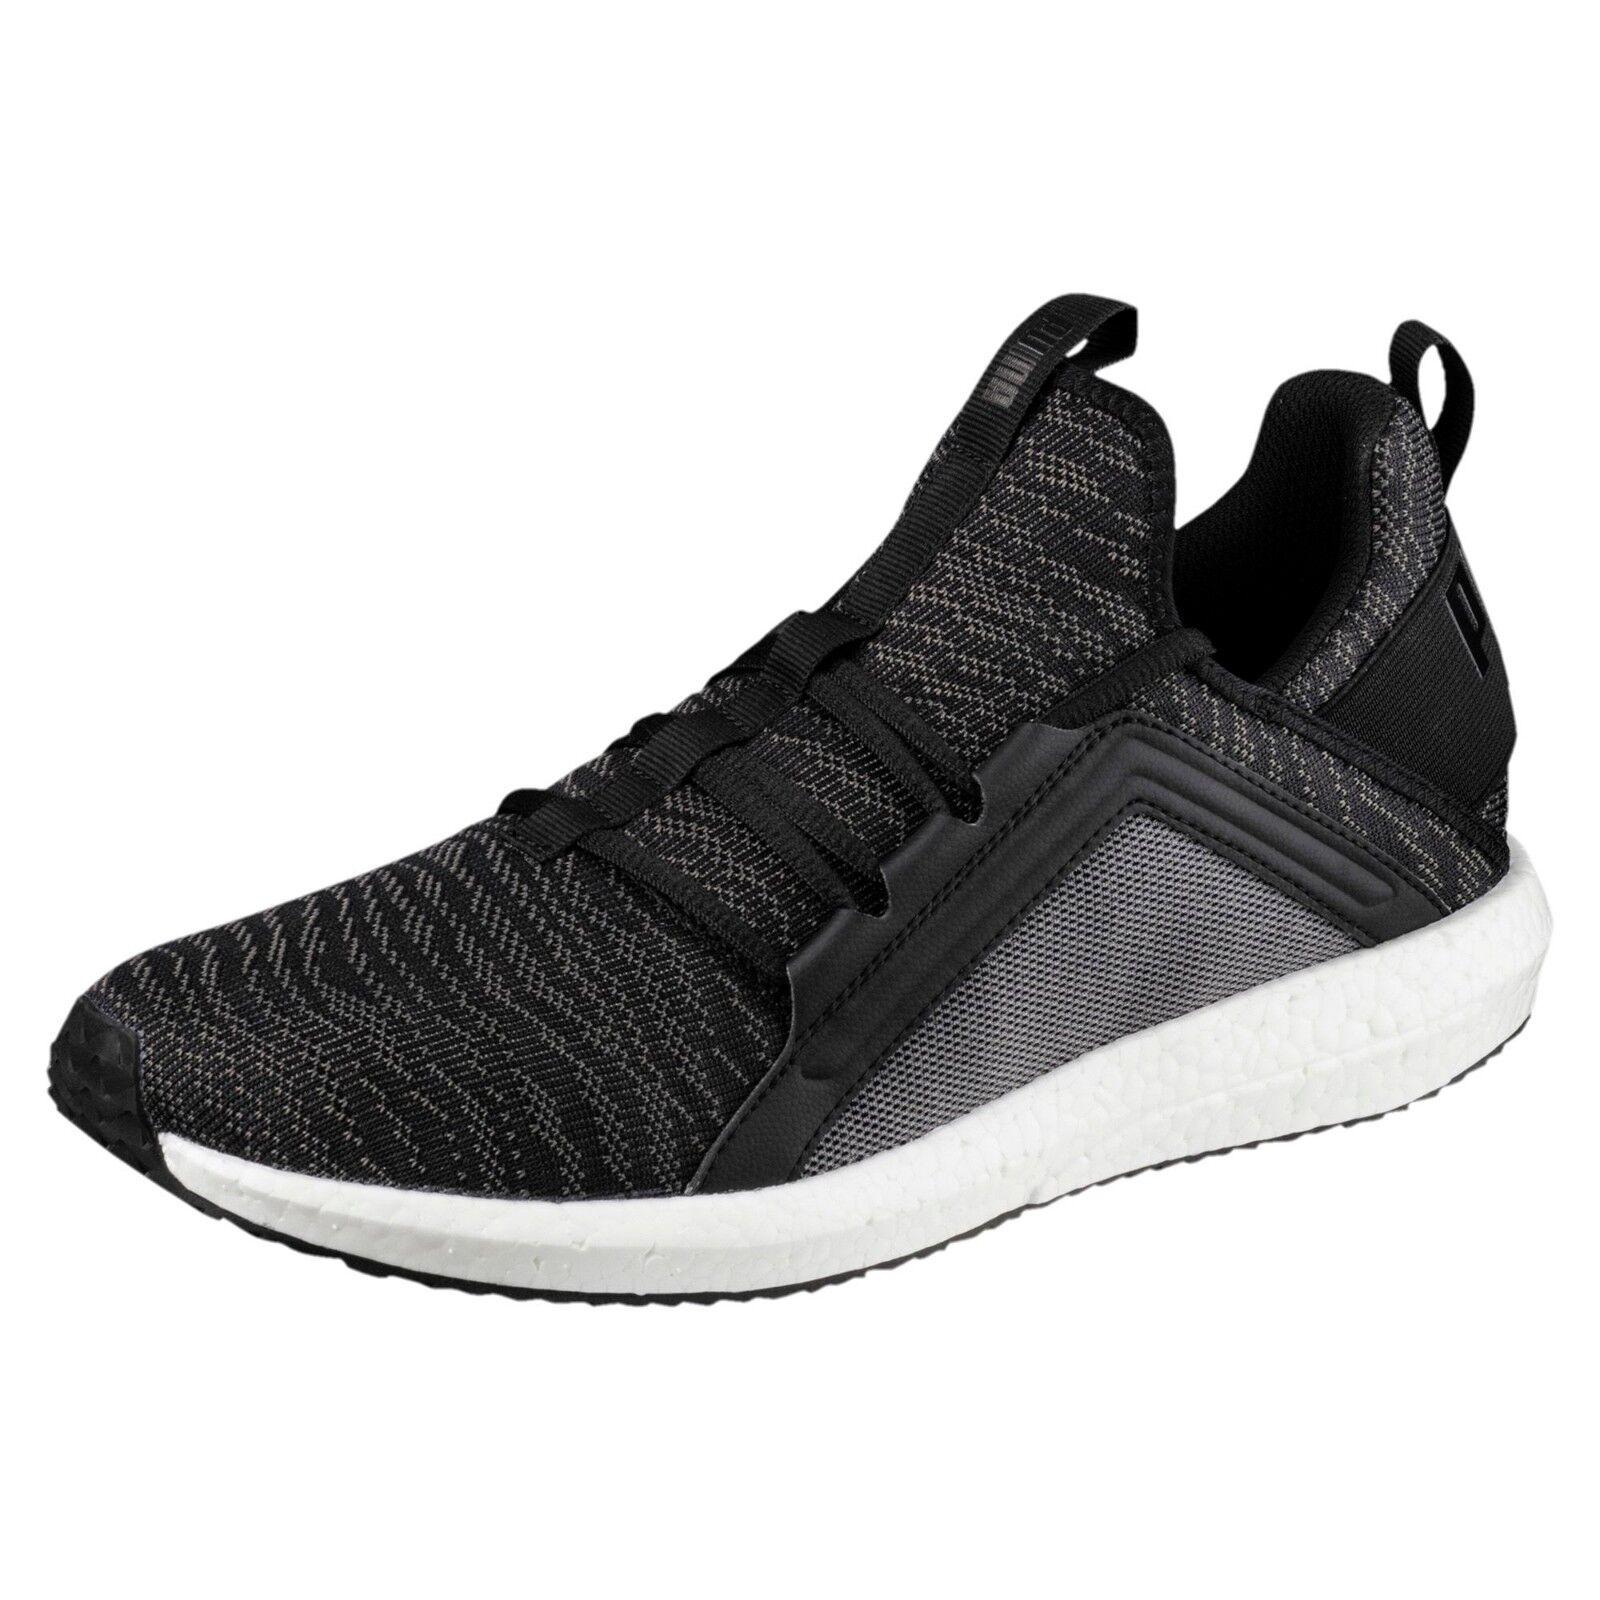 New Puma mega nrgy zebra mens running shoes black quiet shade 190975-01 men's